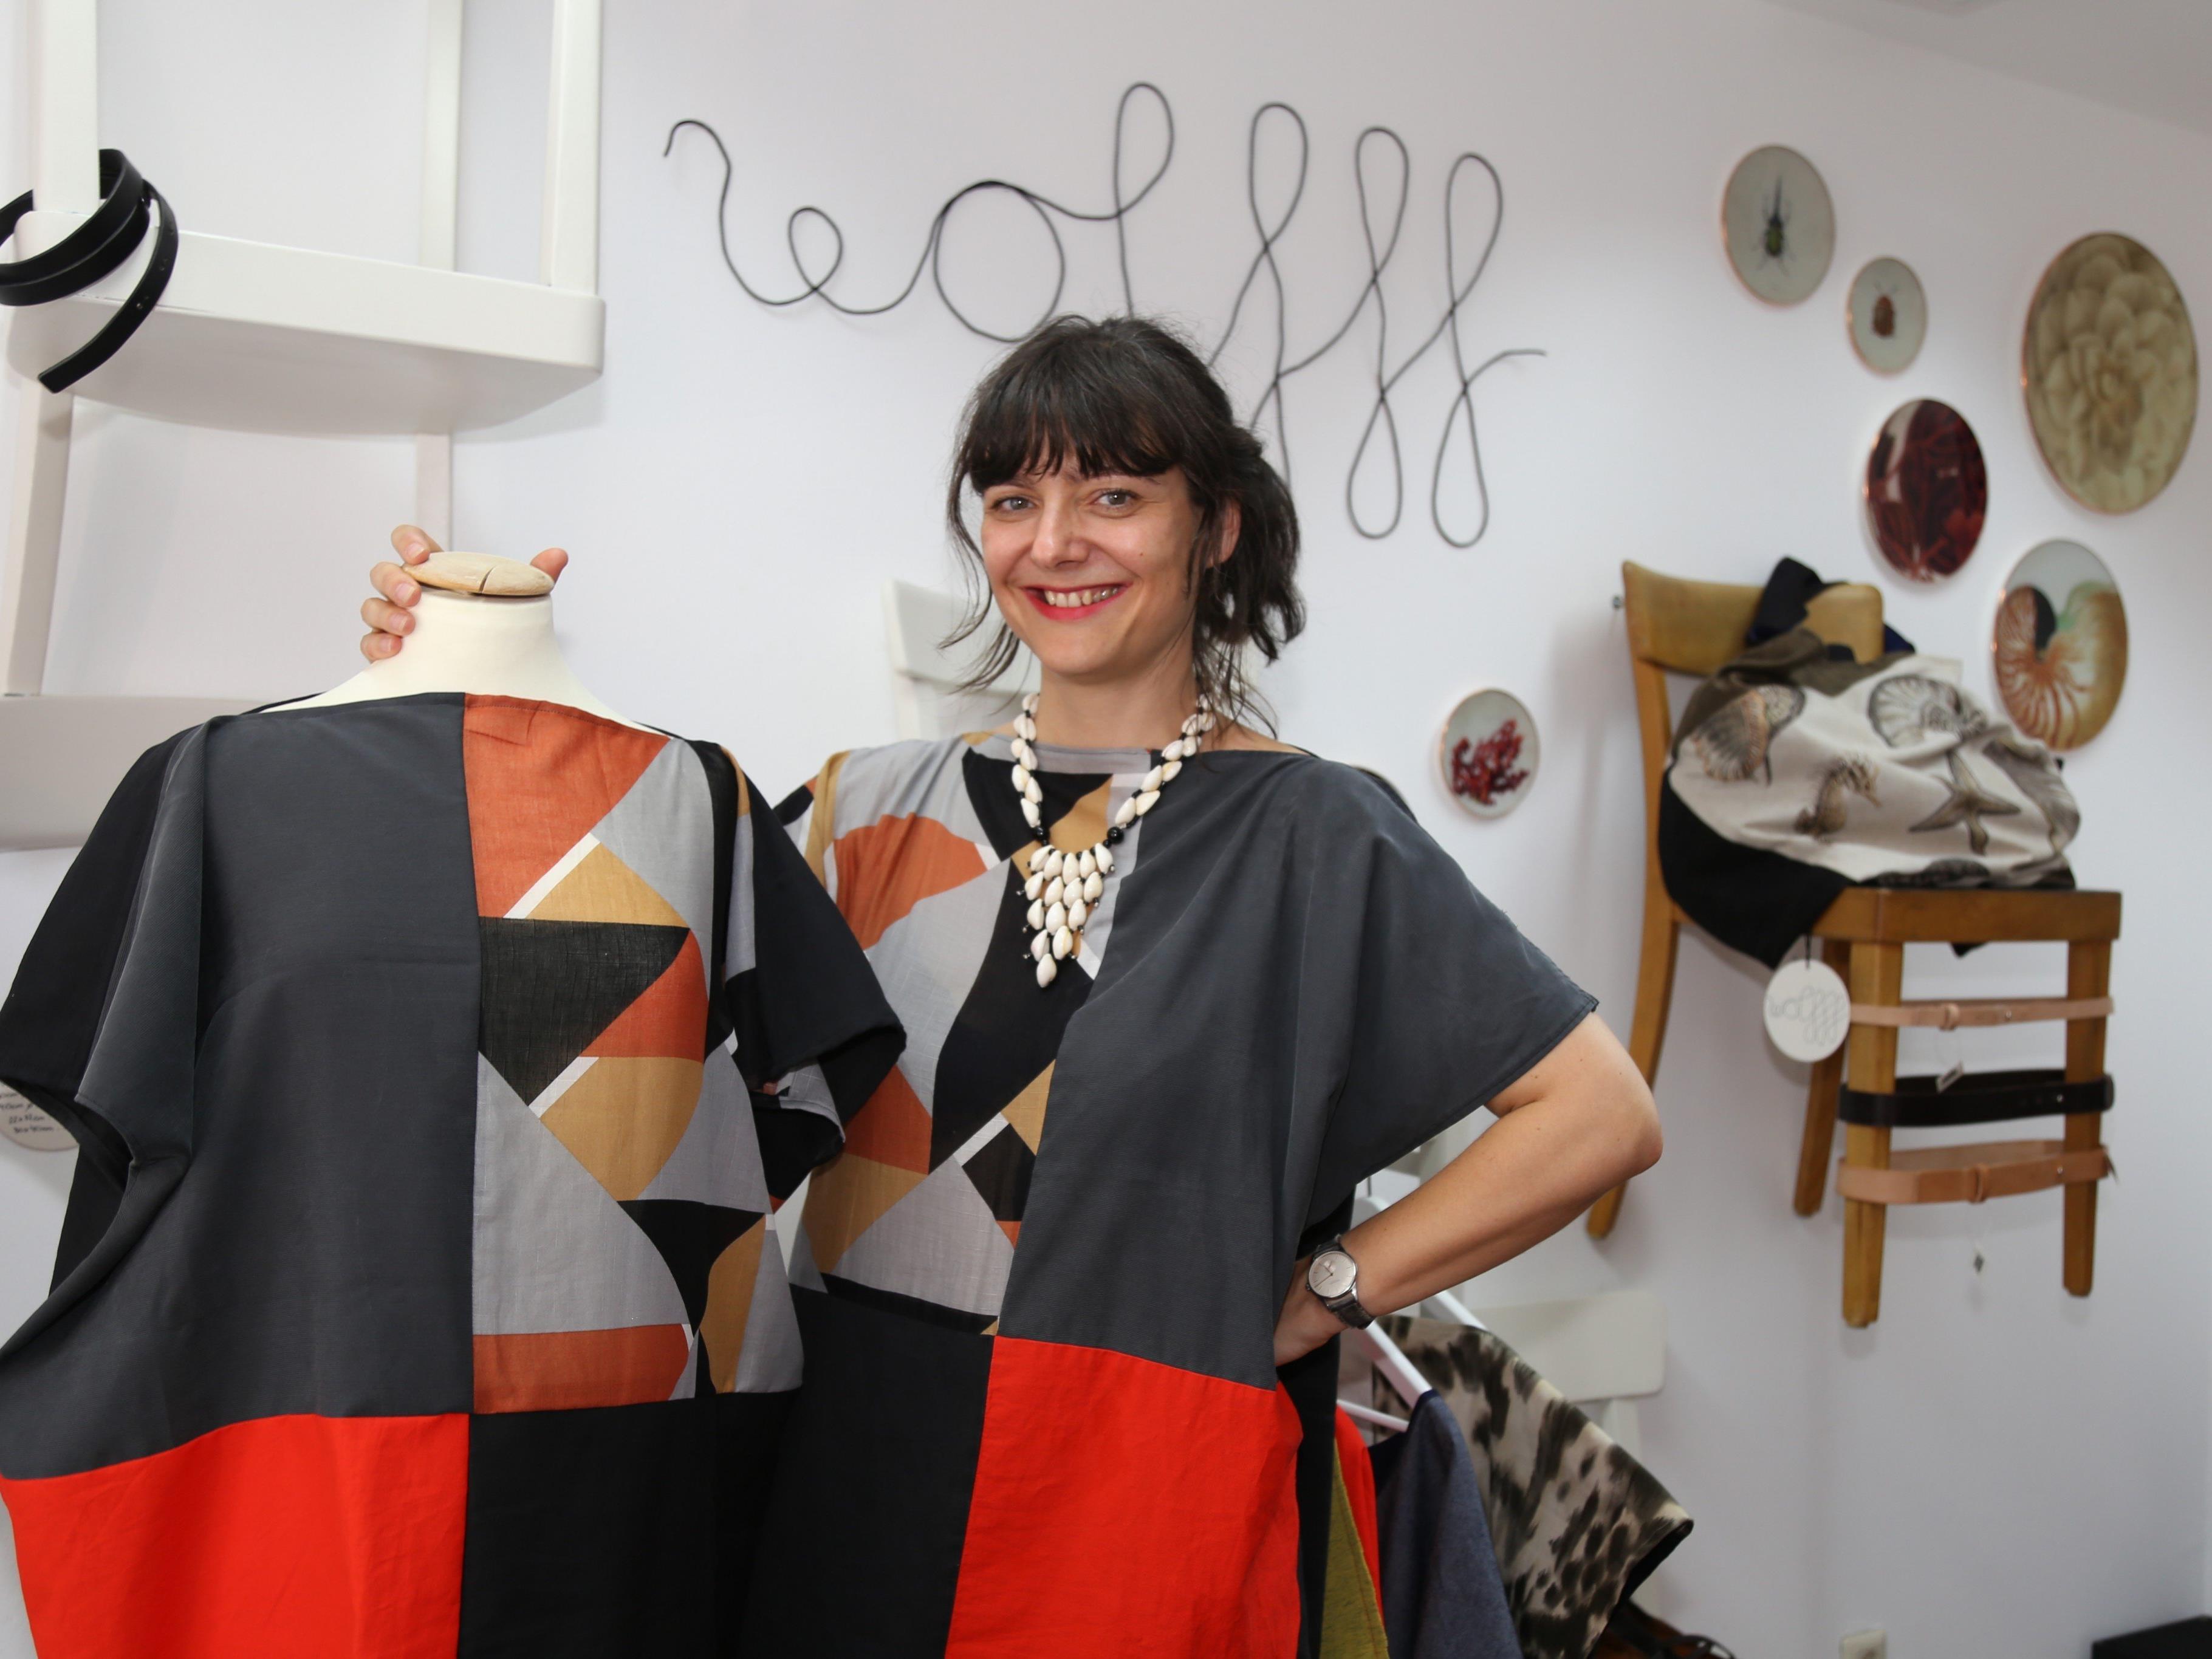 Caroline Wolff eröffnete vergangenen Freitag ihre Modelinie im Urban Foxxes am Mühletorplatz.